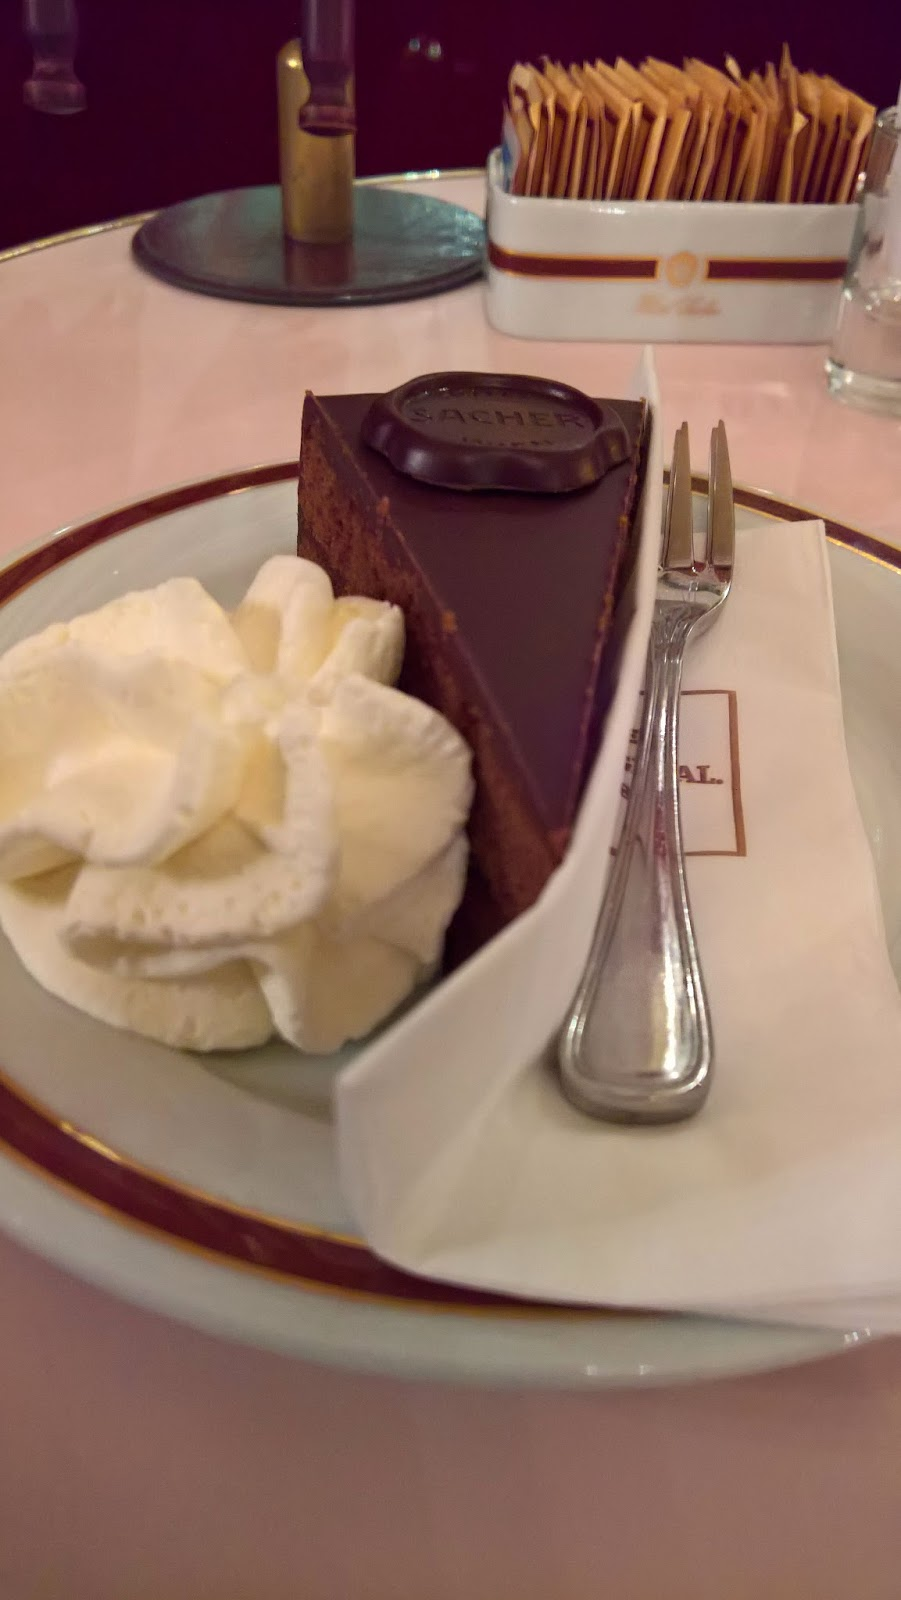 Mallaspulla matkailee Cafe Sacher sacher stube Wien Itävalta Sacherkakku